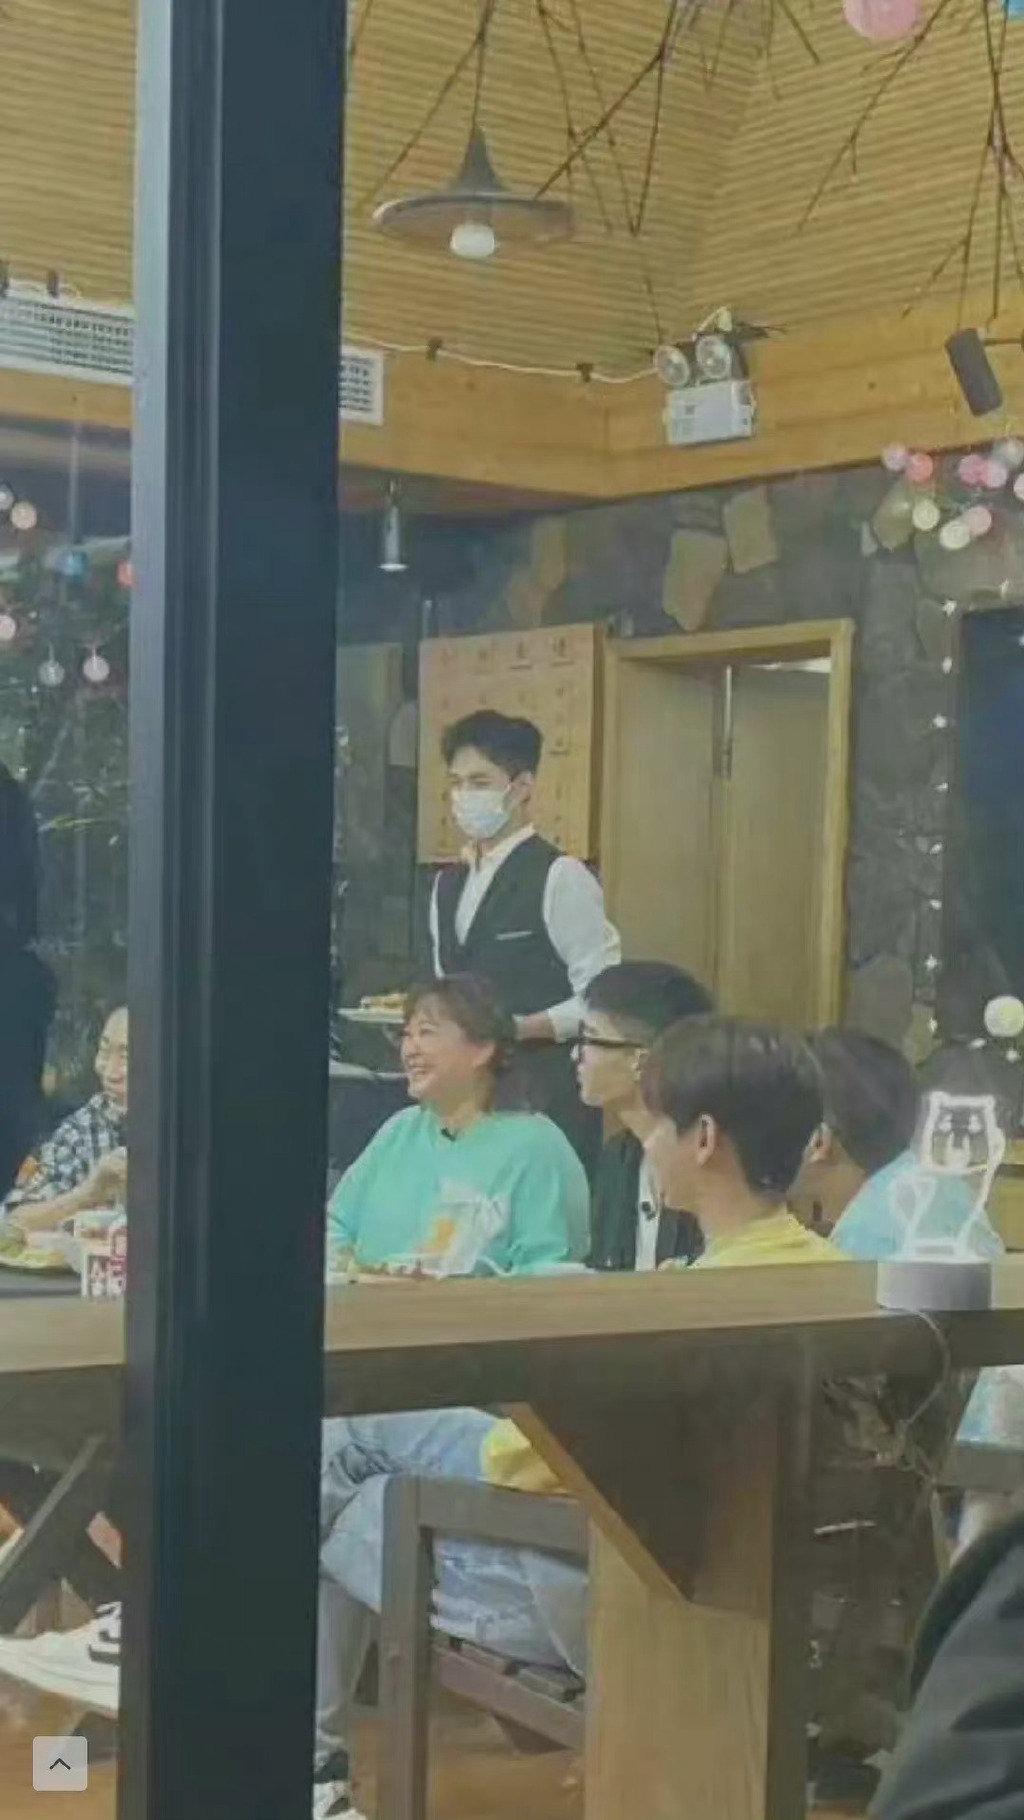 《青春环游记3》杨洋马甲造型+侧颜杀一秒梦回《荣耀》于途!穿睡衣做热身太可爱了!-Woah.MY